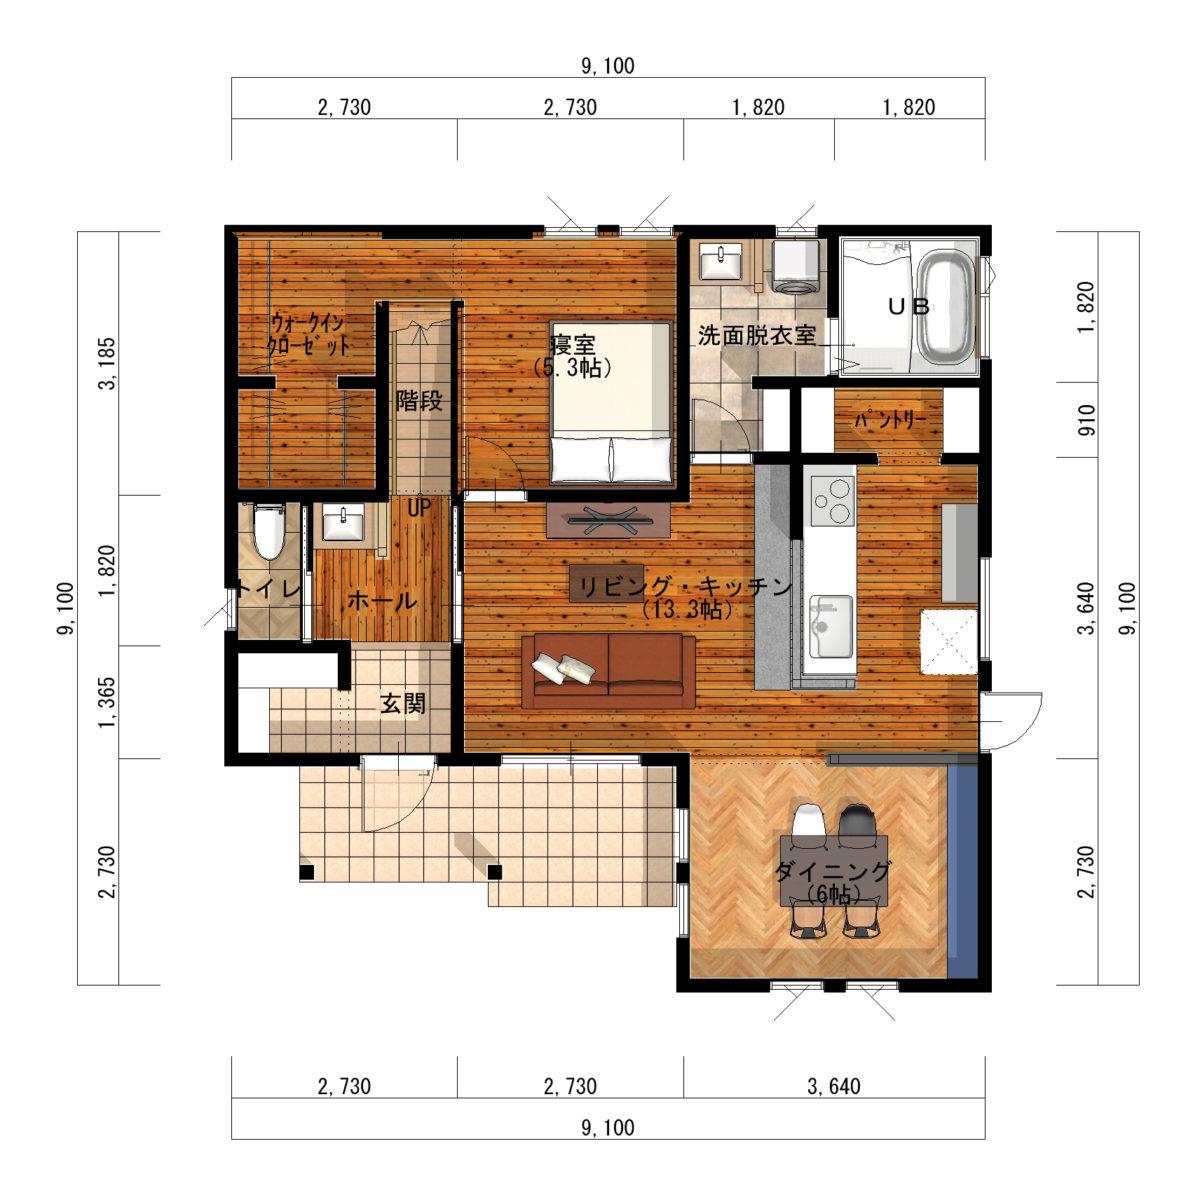 セカンドリビングがある大屋根アメリカンハウス間取り図1